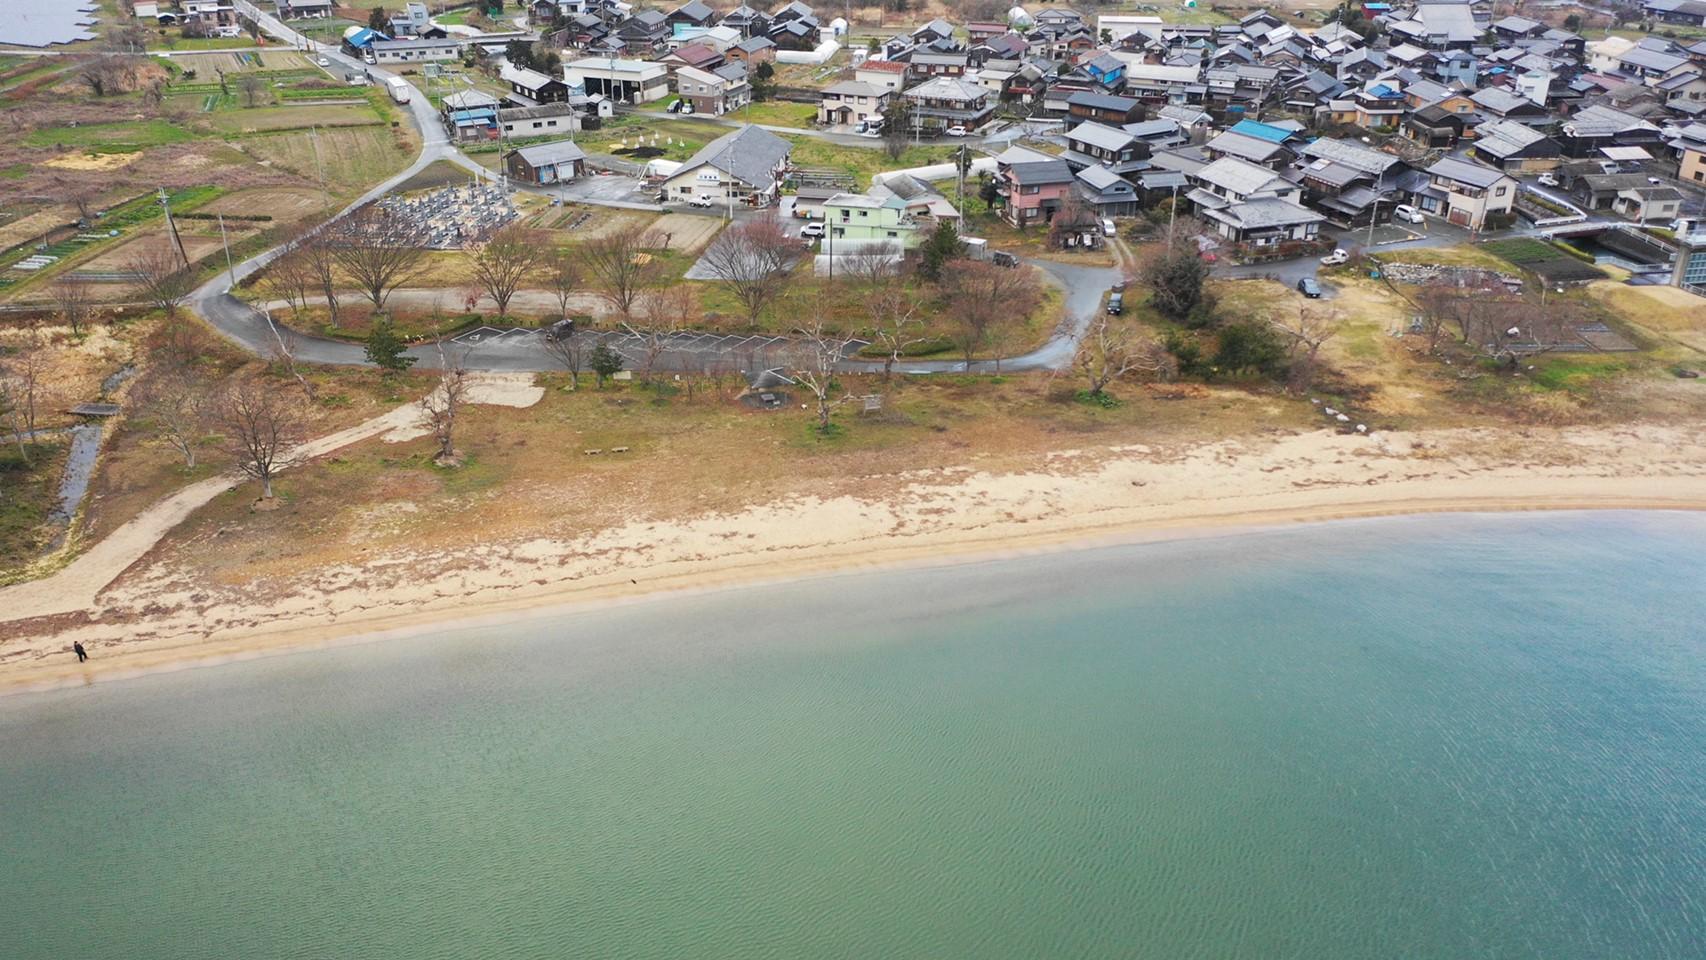 【琵琶湖西エリア】『高島市 鴨川河口』周辺の釣り場ガイド